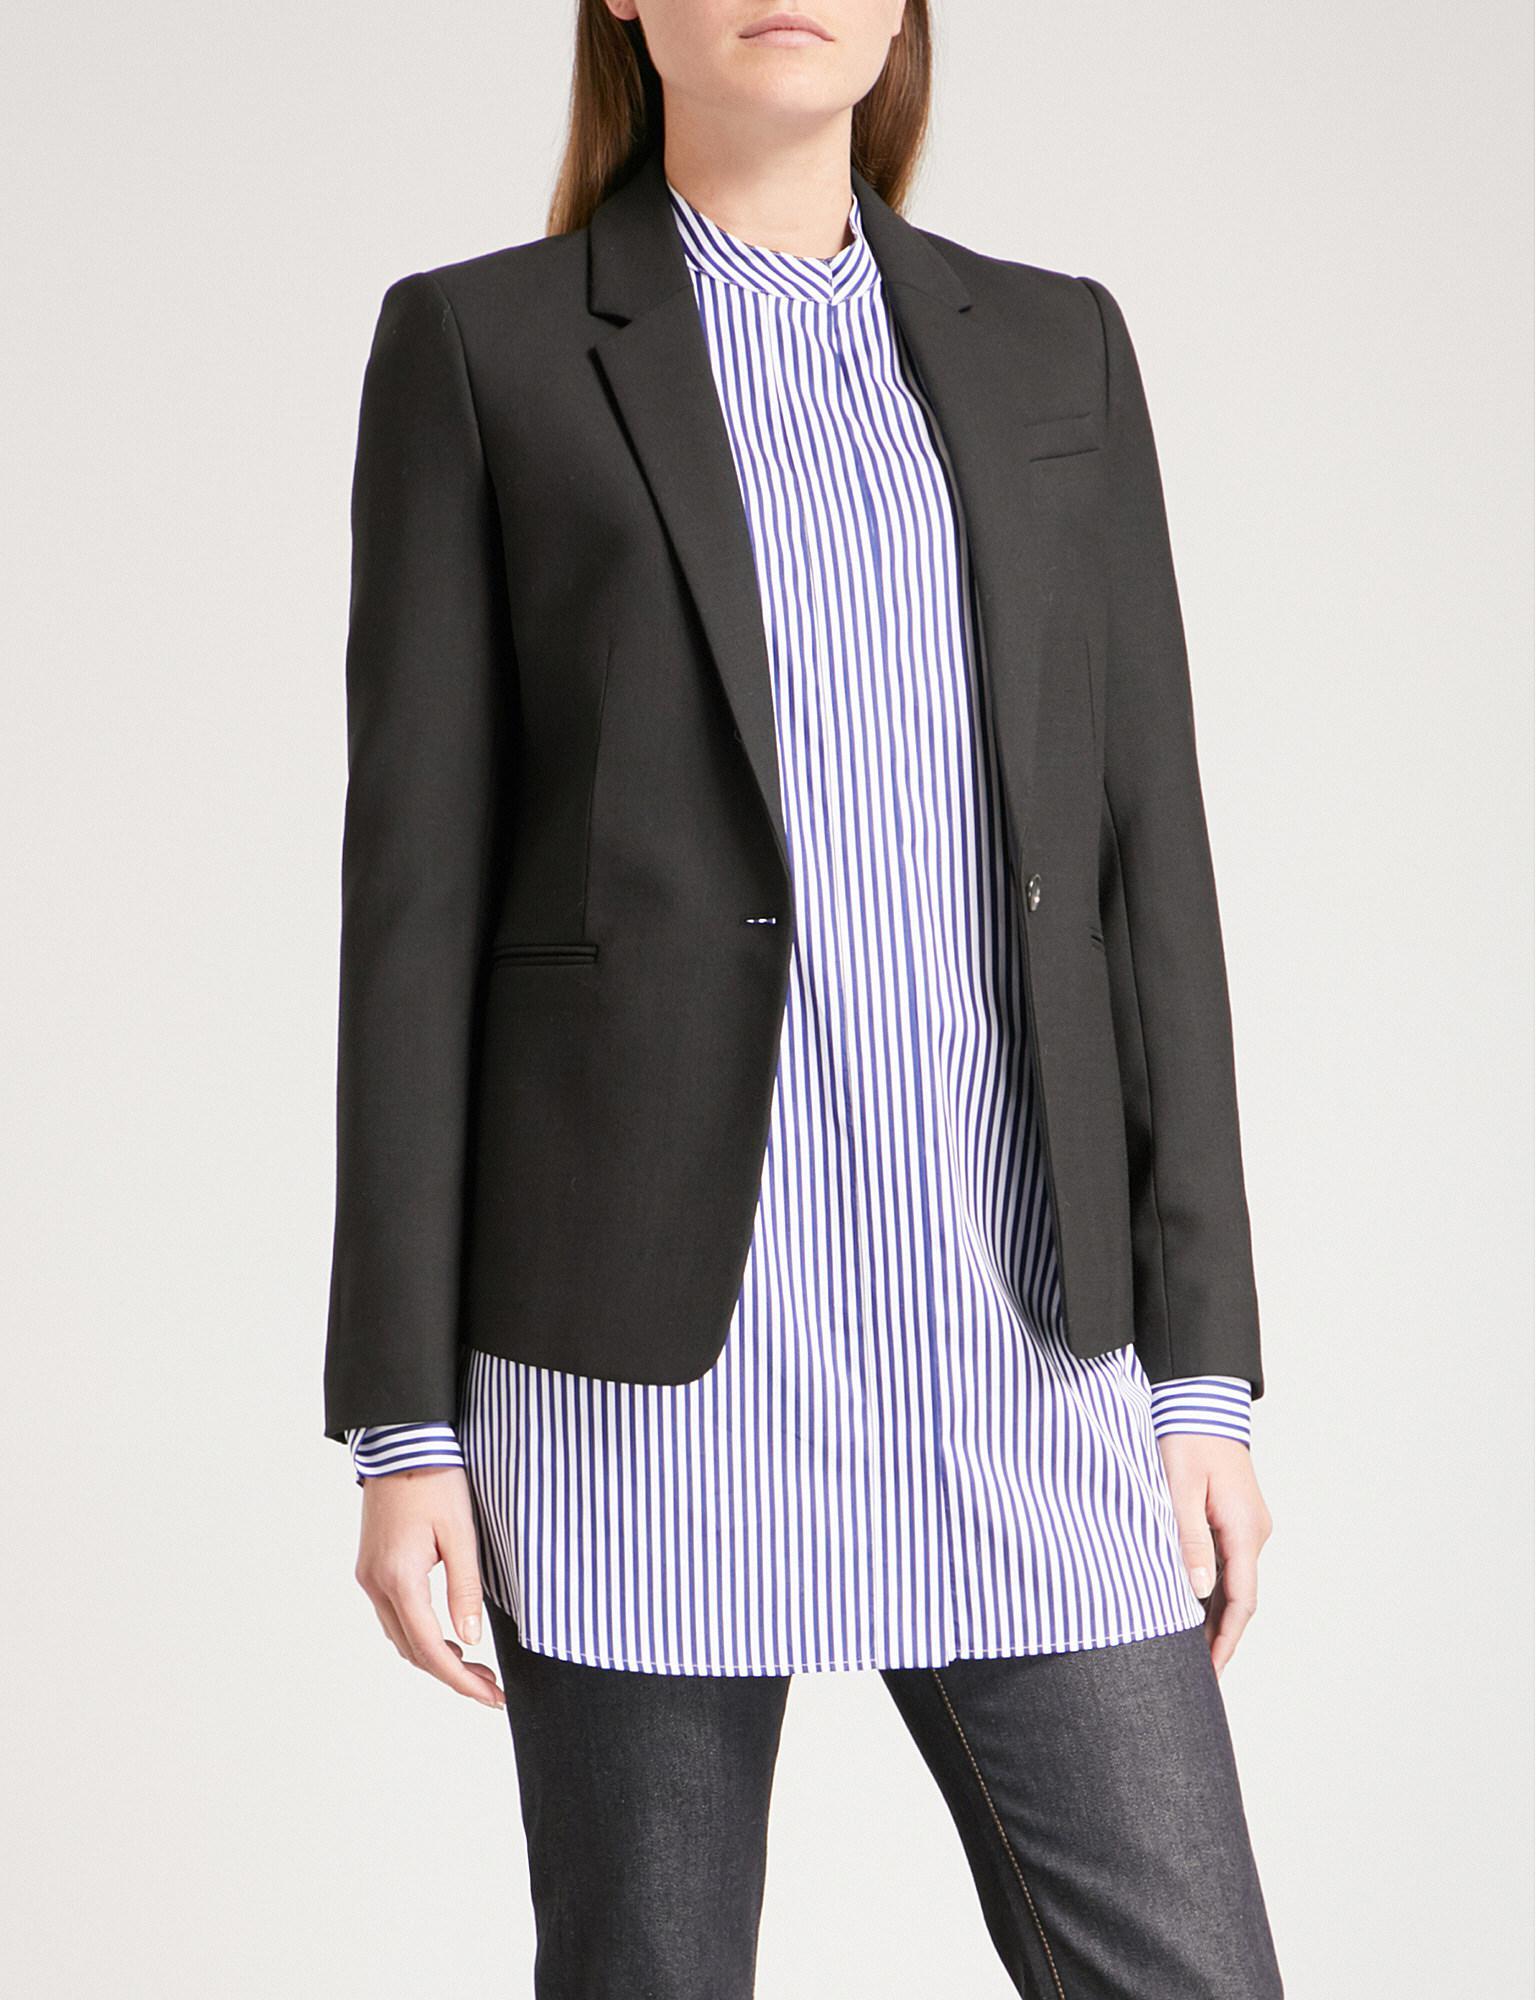 fbcadf5fa97 Joseph Single Button Stretch Wool Jacket in Black - Lyst